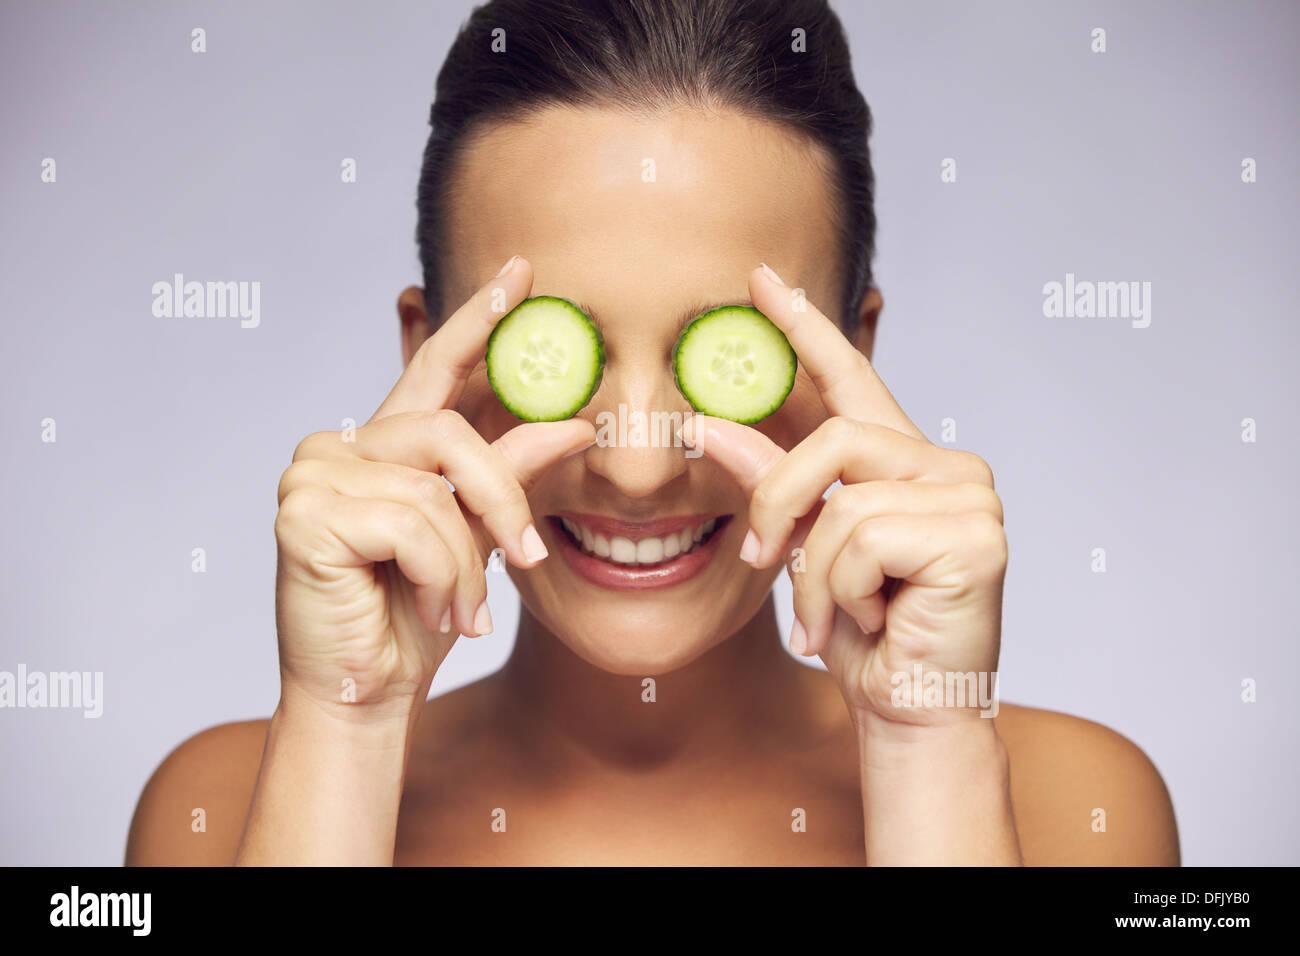 Belle et jeune femme tranche de concombre en face des yeux sur fond gris. Concept de soins oculaires Photo Stock